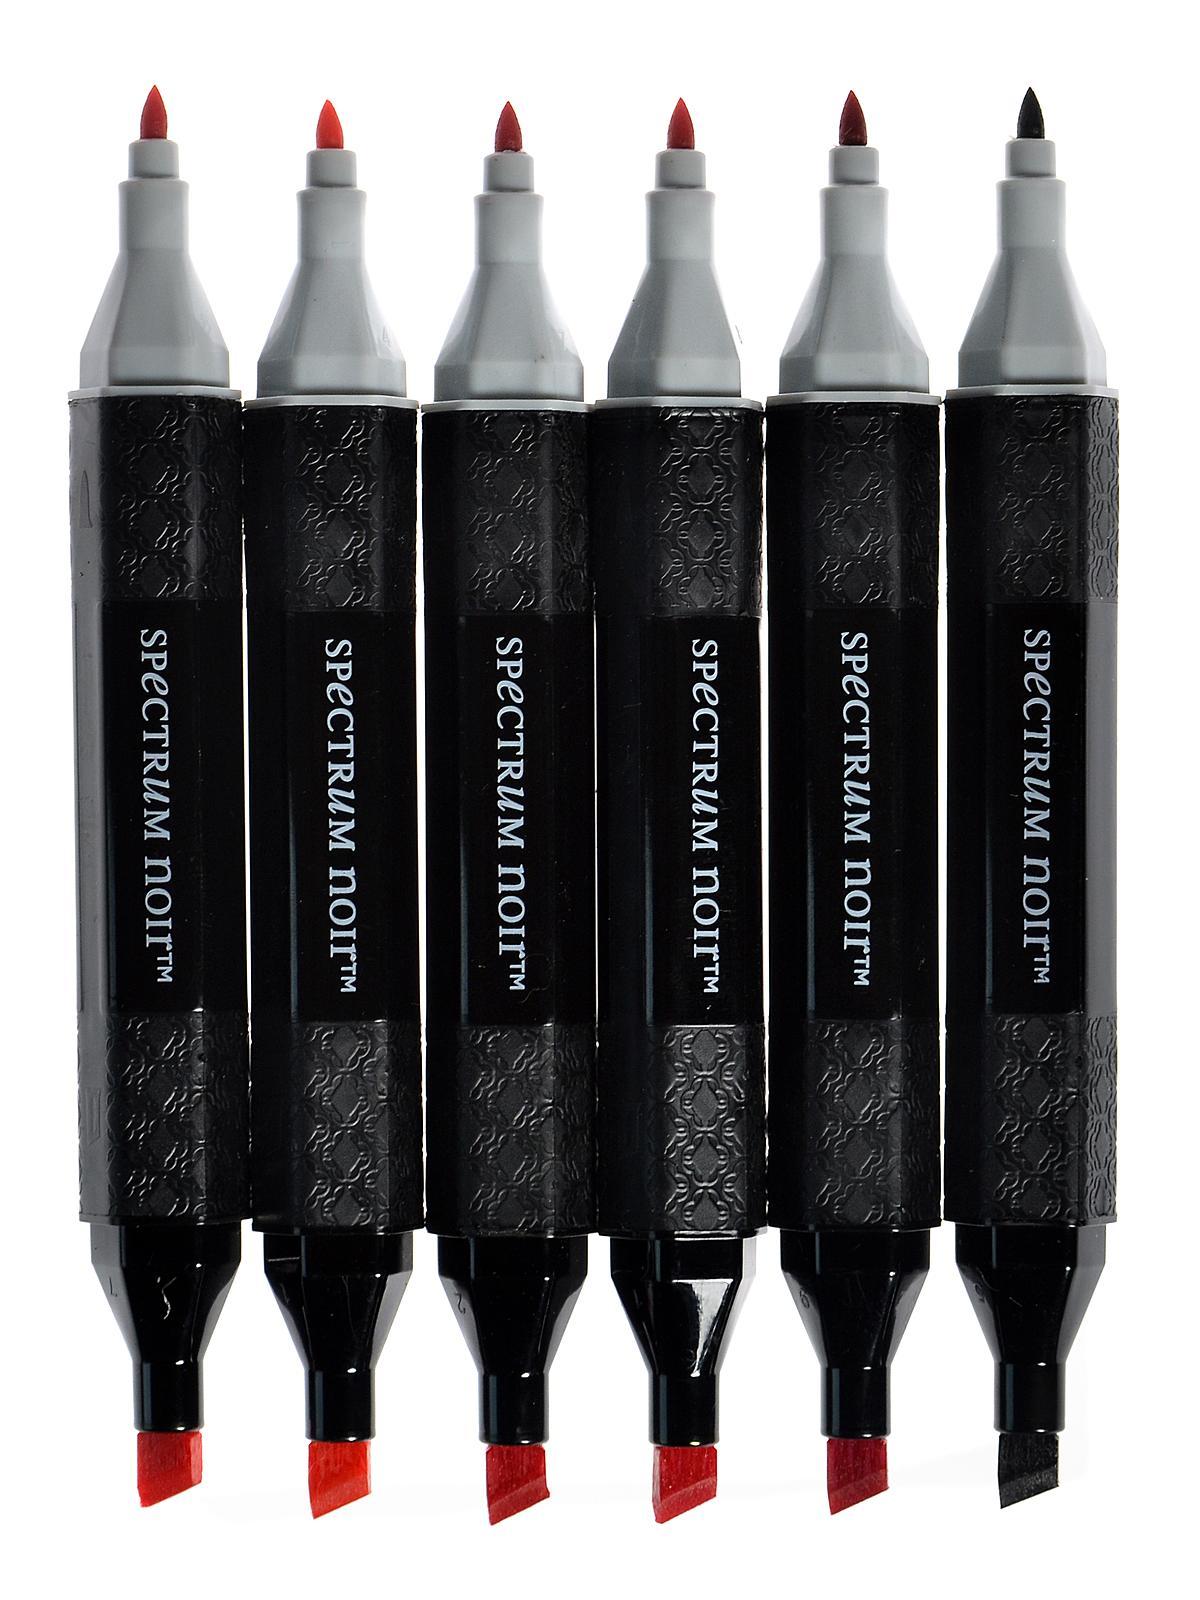 Spectrum Noir Professional Alcohol Marker Pens